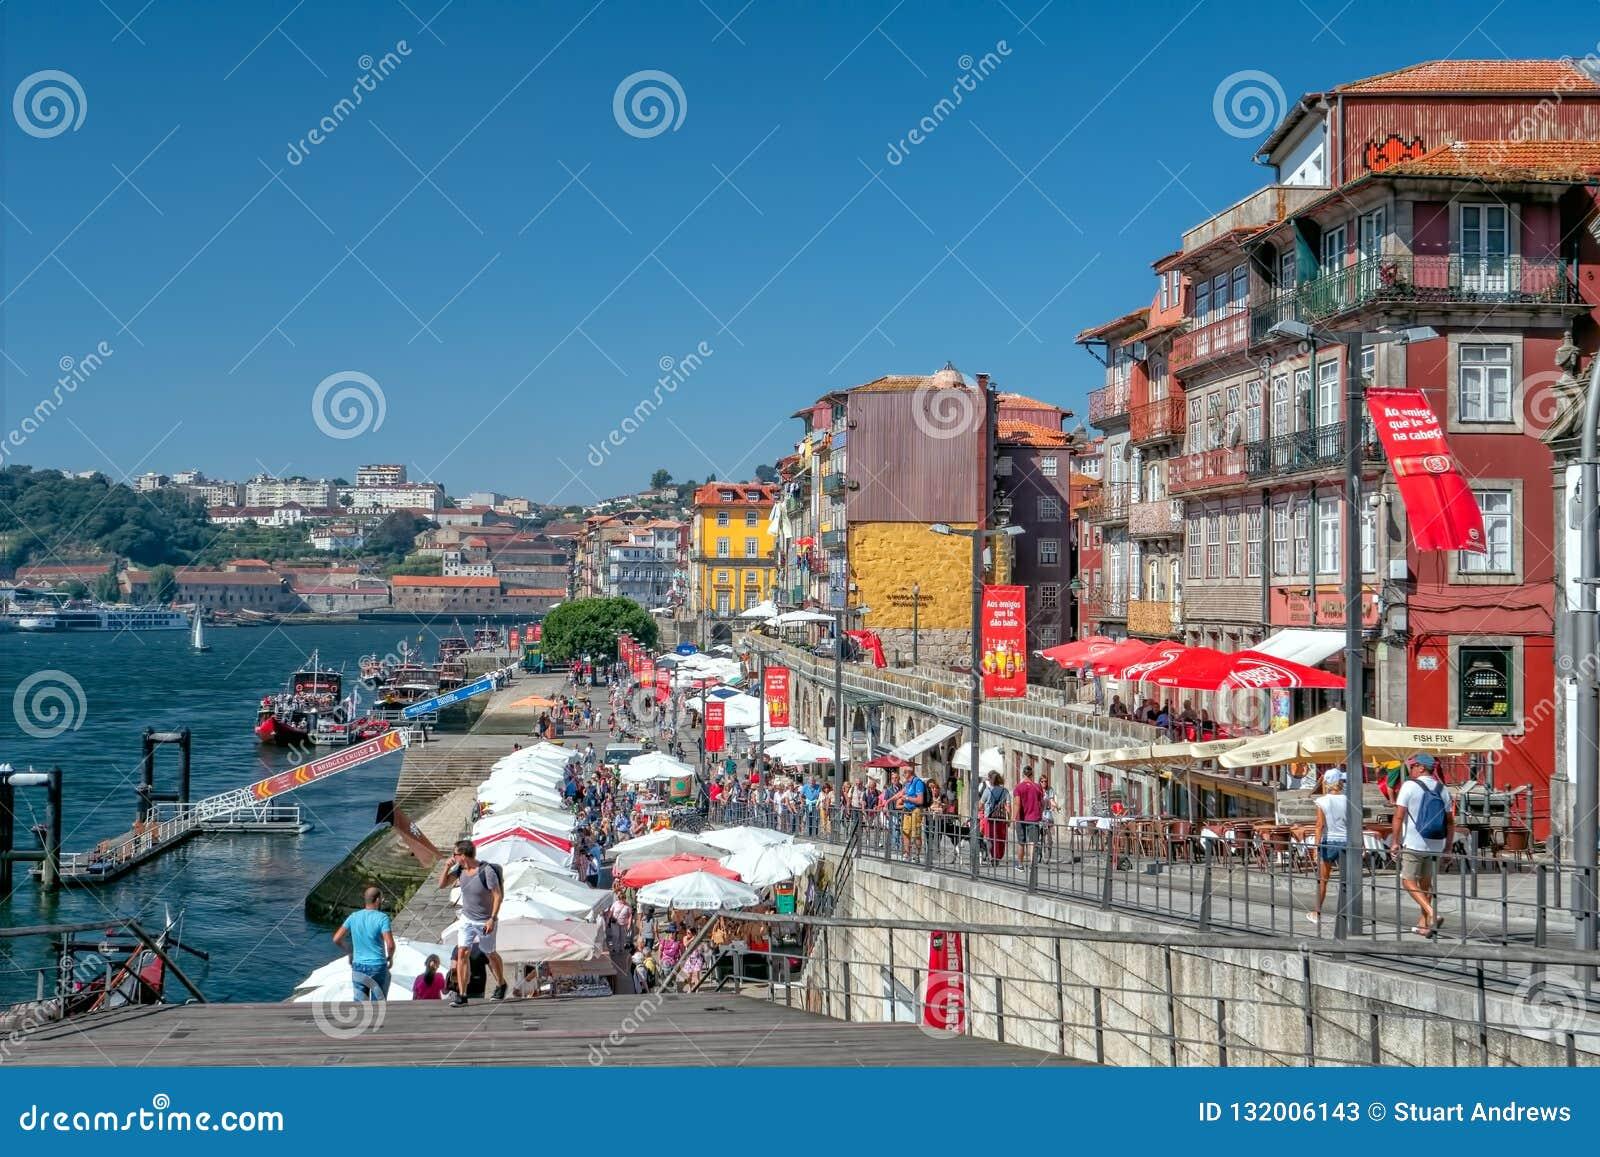 La costa histórica de Ribeira, Oporto, Portugal